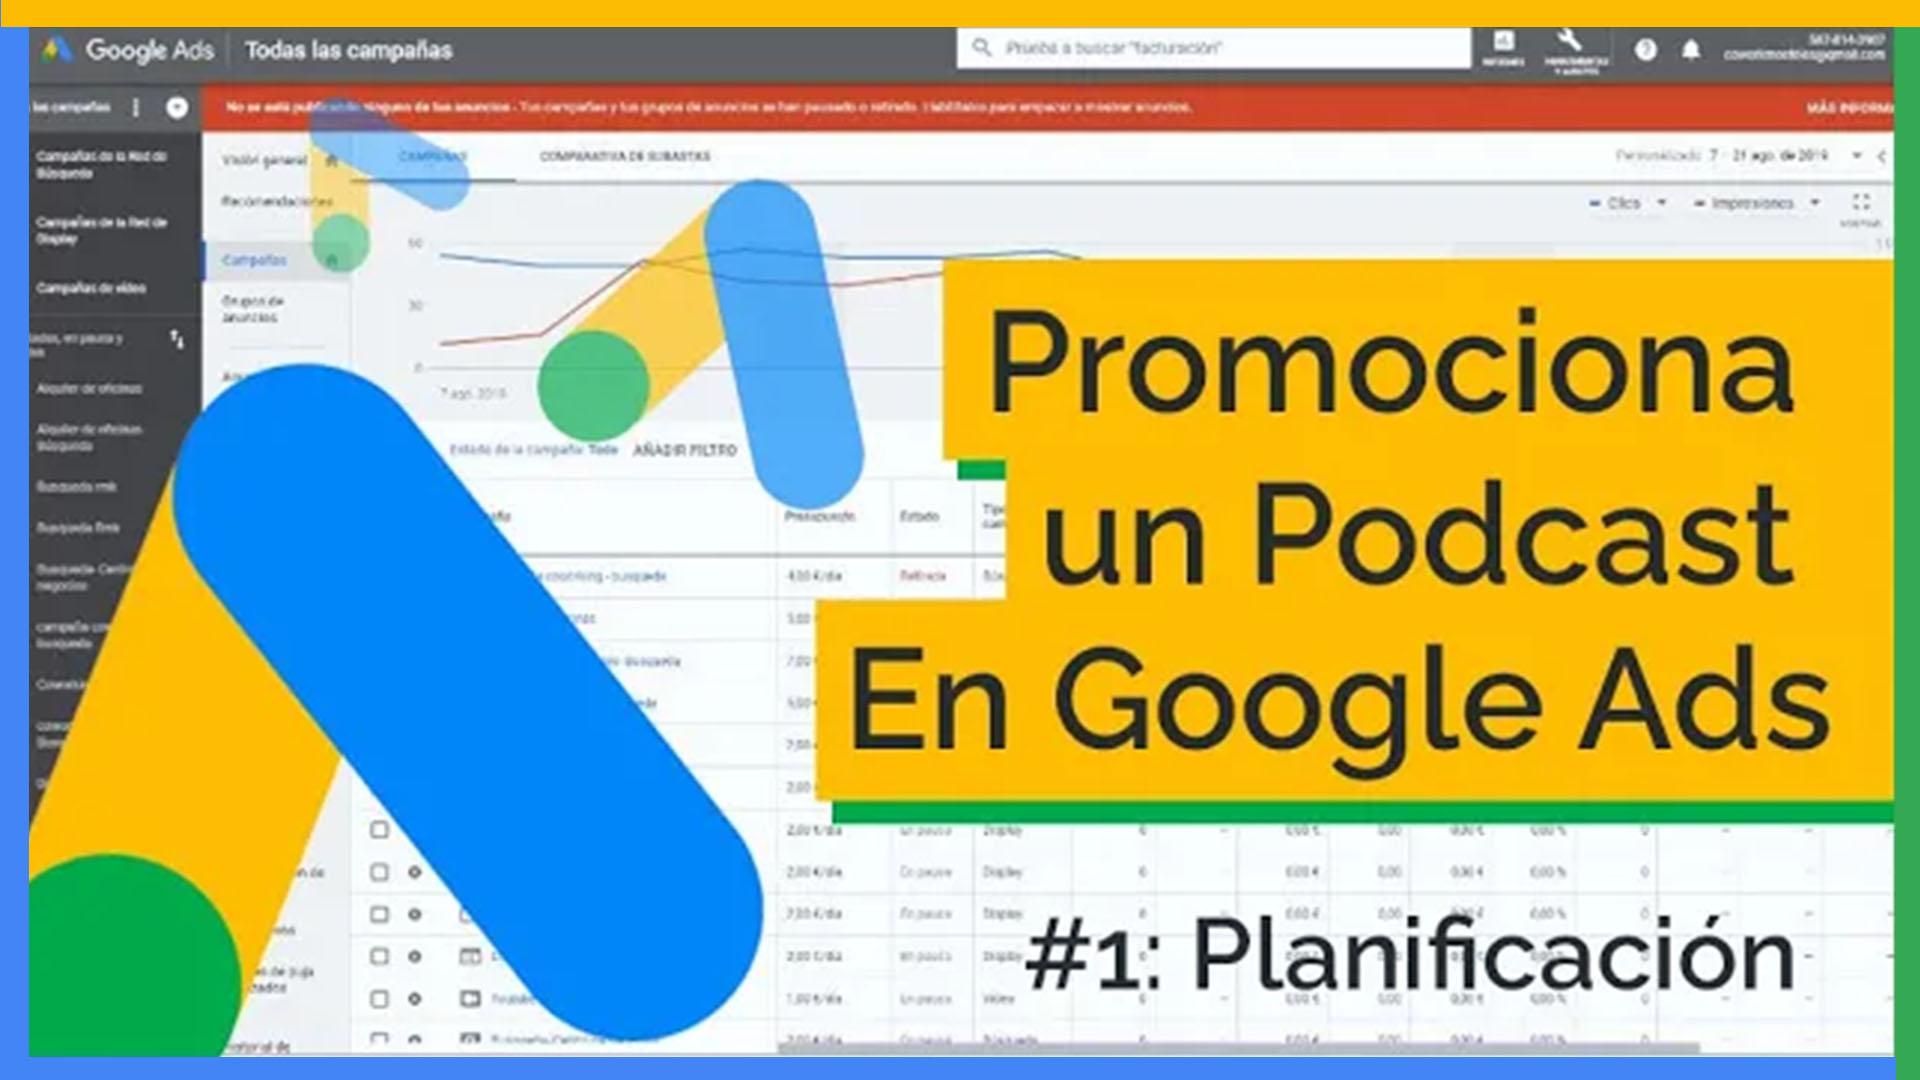 Cómo promocionar tu podcast con Google Ads [Caso práctico] 1